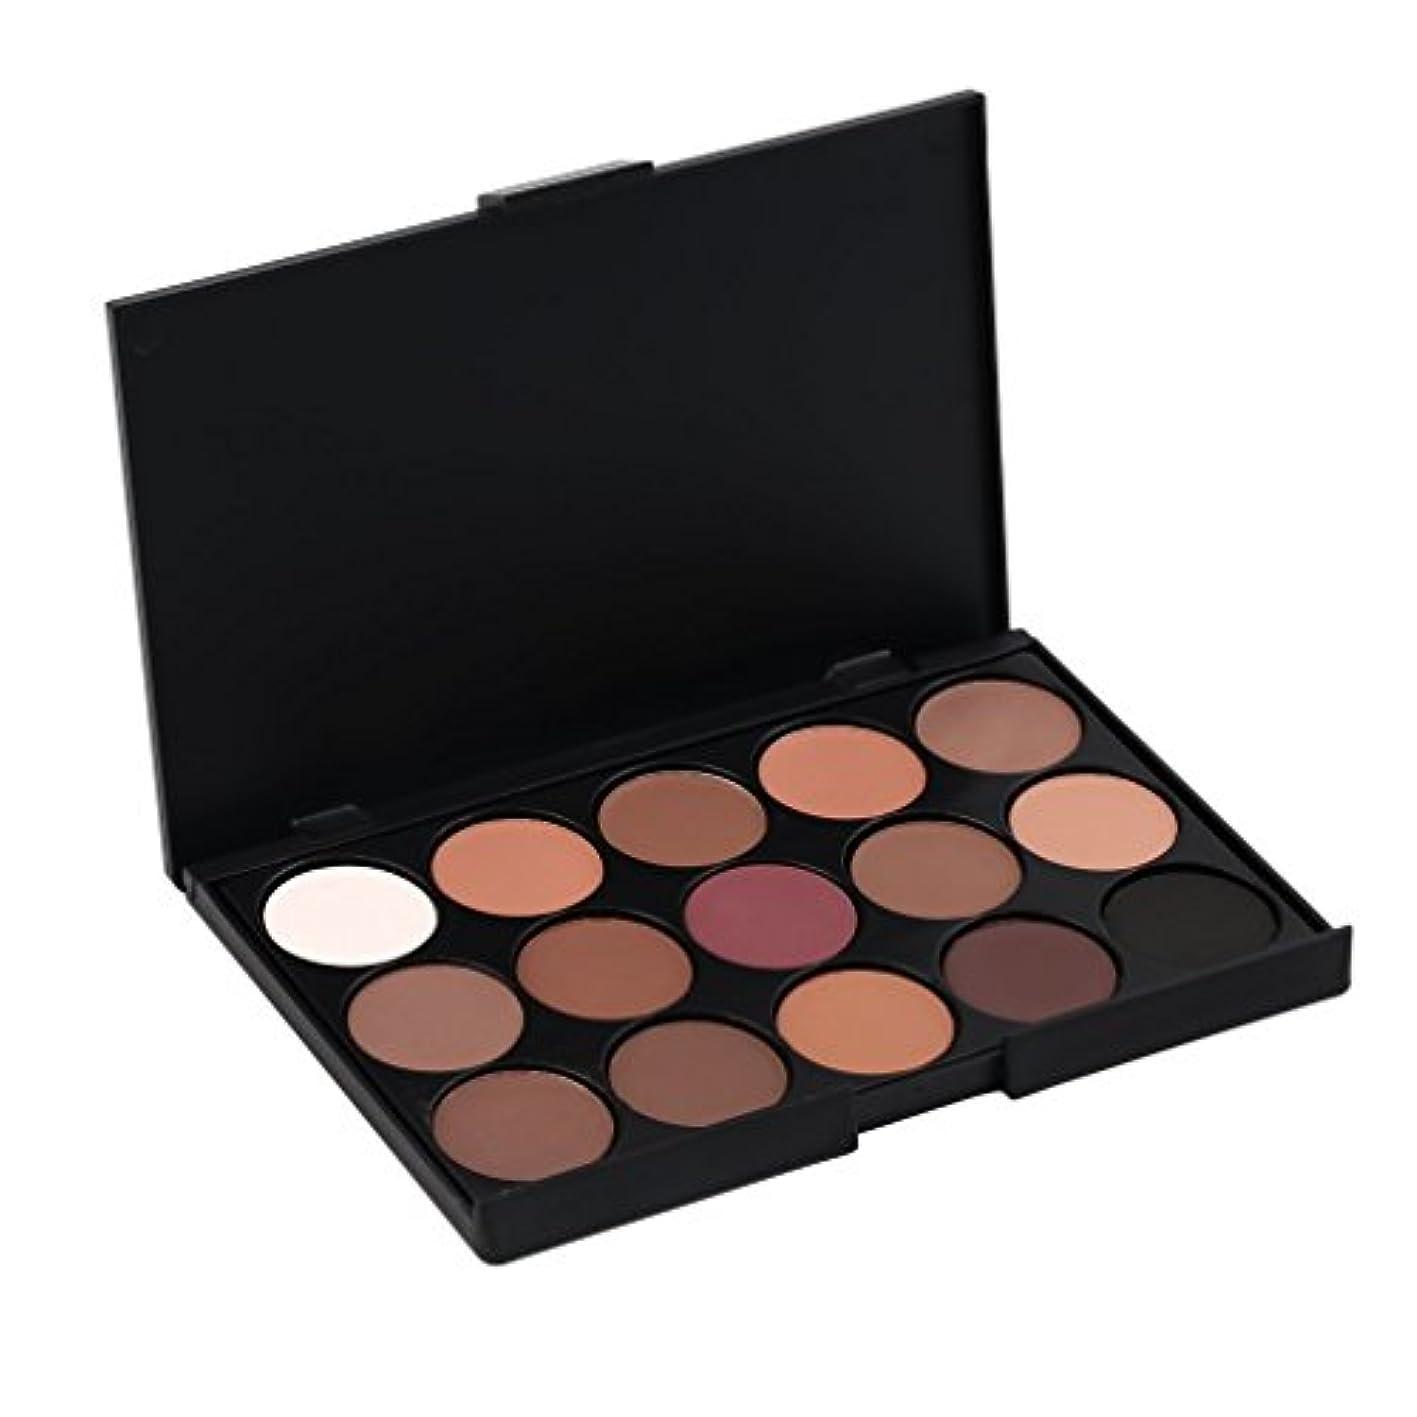 発疹伝導率普遍的なビューティアイシャドウラスティング女15色のプロフェッショナル化粧品アイシャドウ顔料メイクアップパレットナチュラルロング